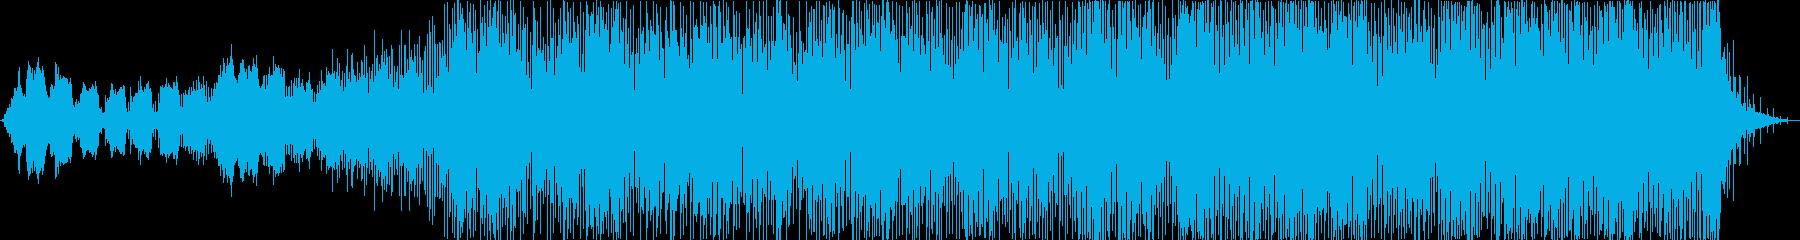 実験的な おしゃれ テクノロジー ...の再生済みの波形